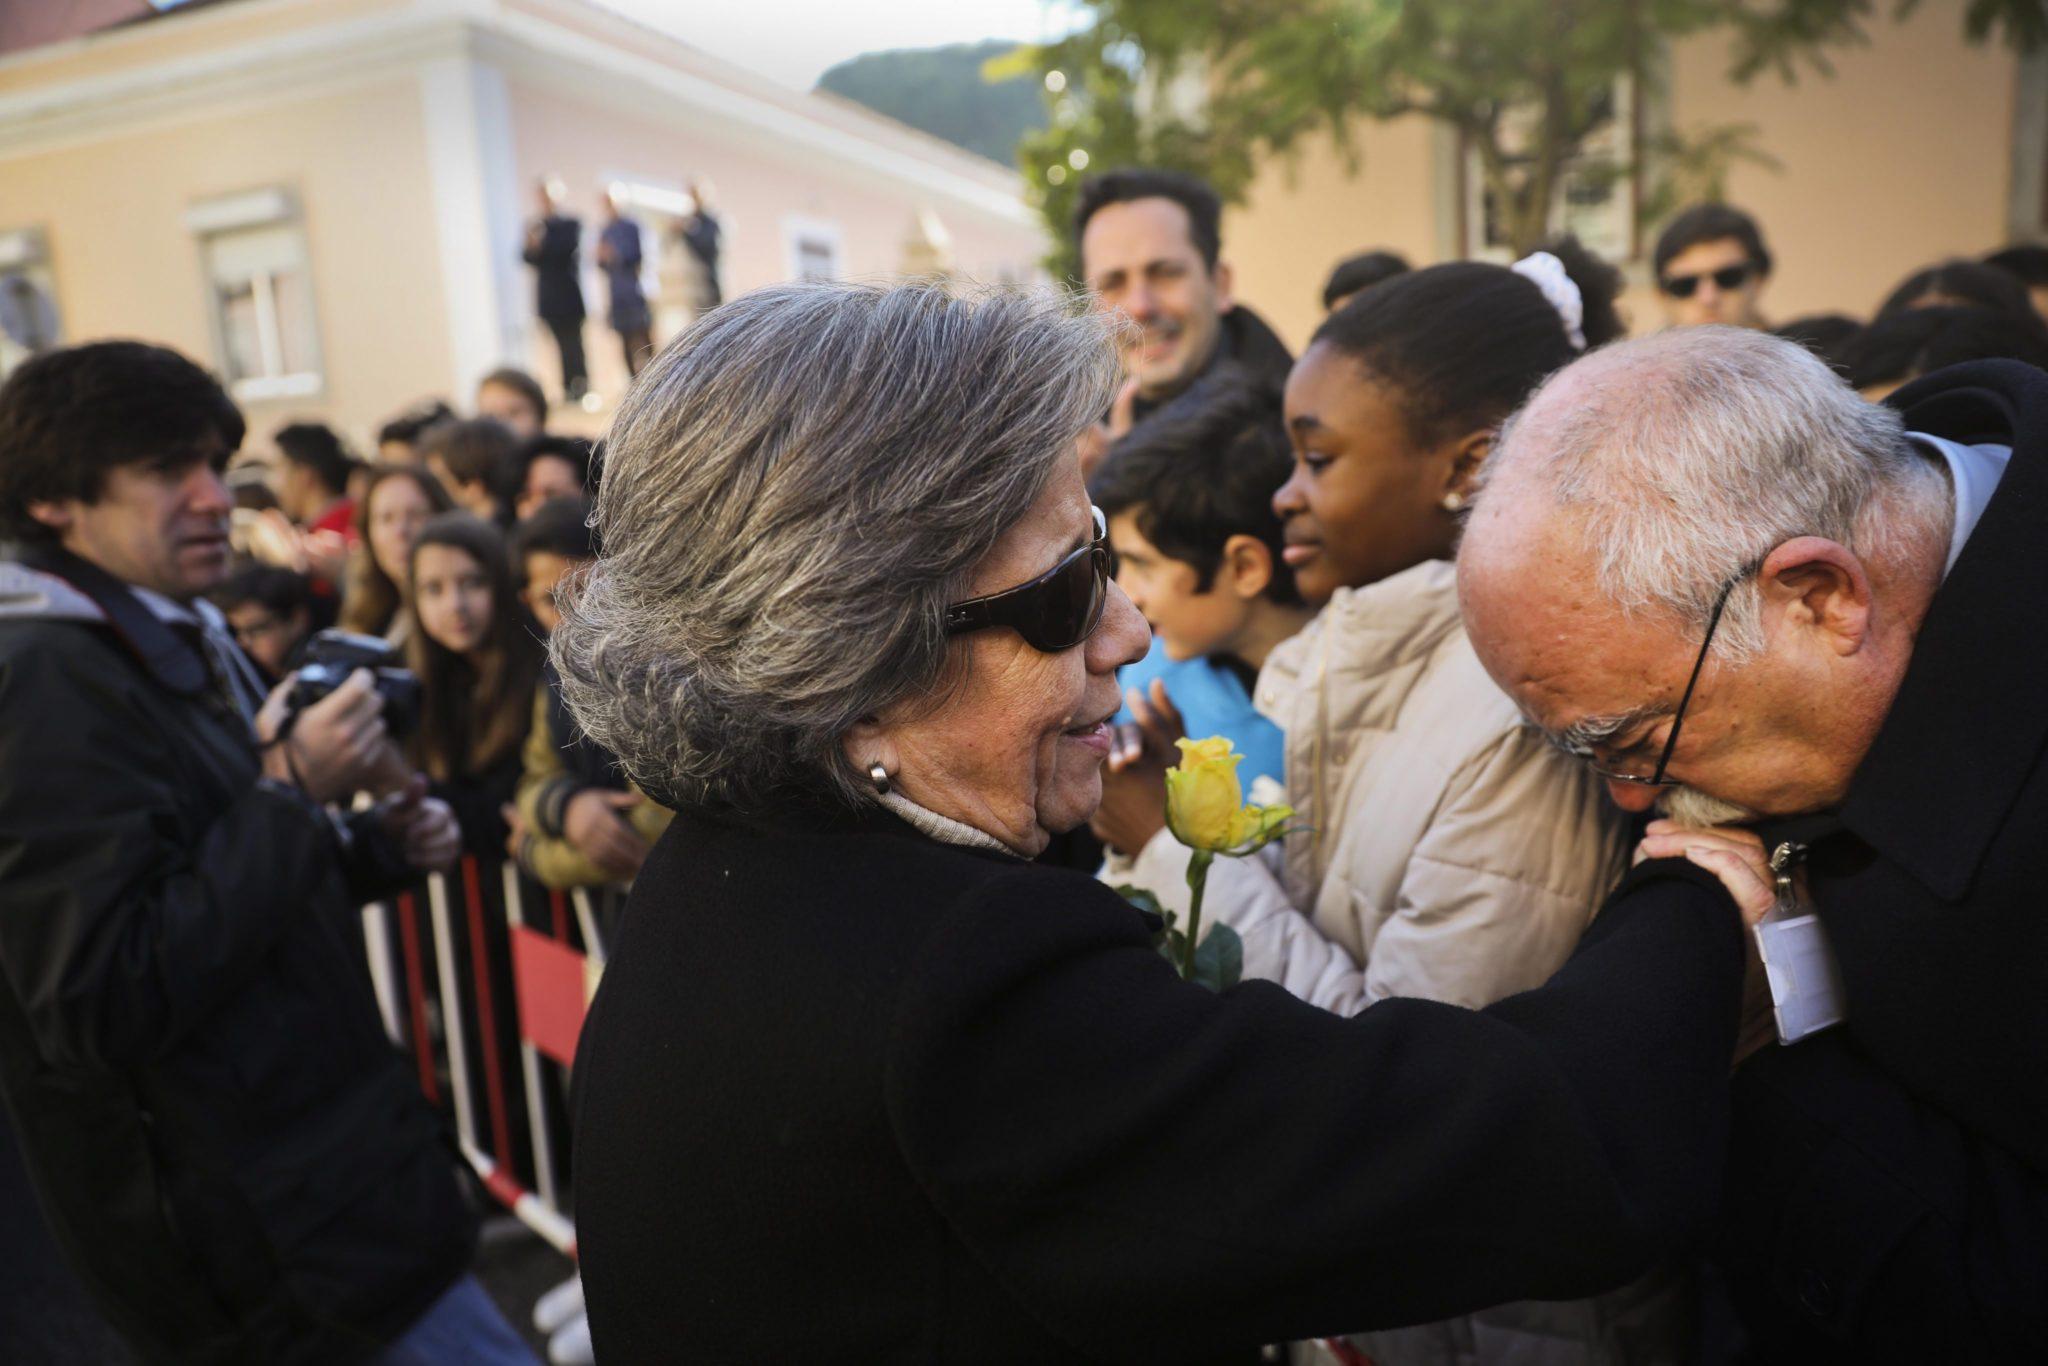 Portugalia: pogrzeb byłego prezydenta Portugalii Mario Soaresa w Lizbonie (foto. PAP/EPA/MARIO CRUZ)